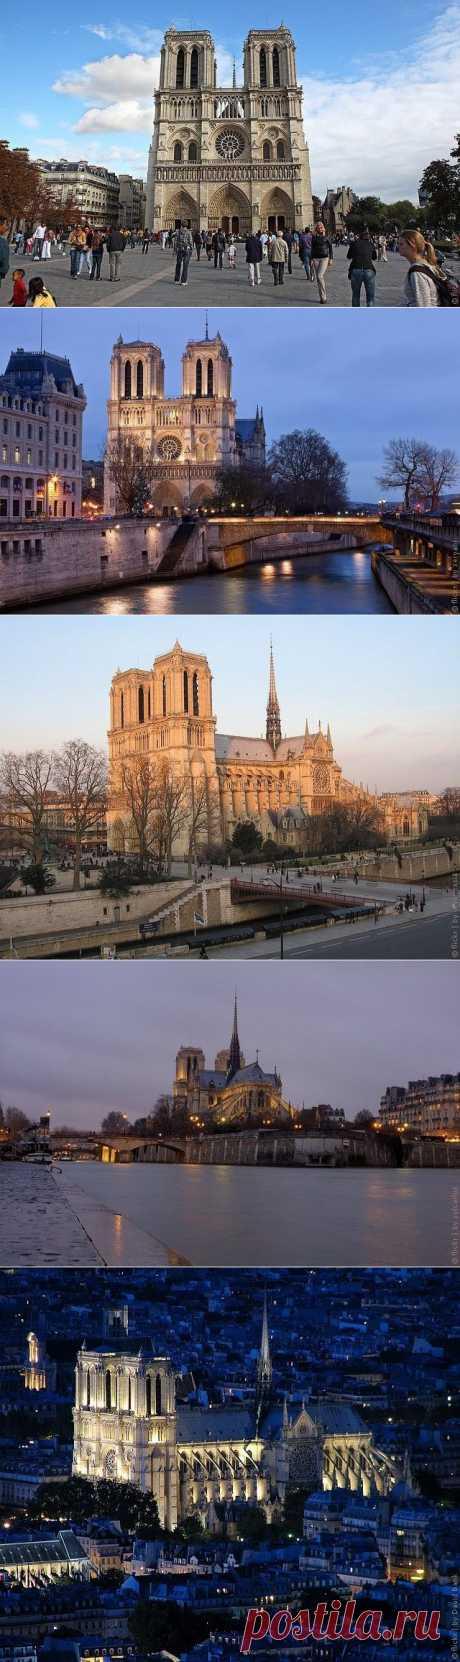 Собор Парижской Богоматери, Париж, Франция, фото собора